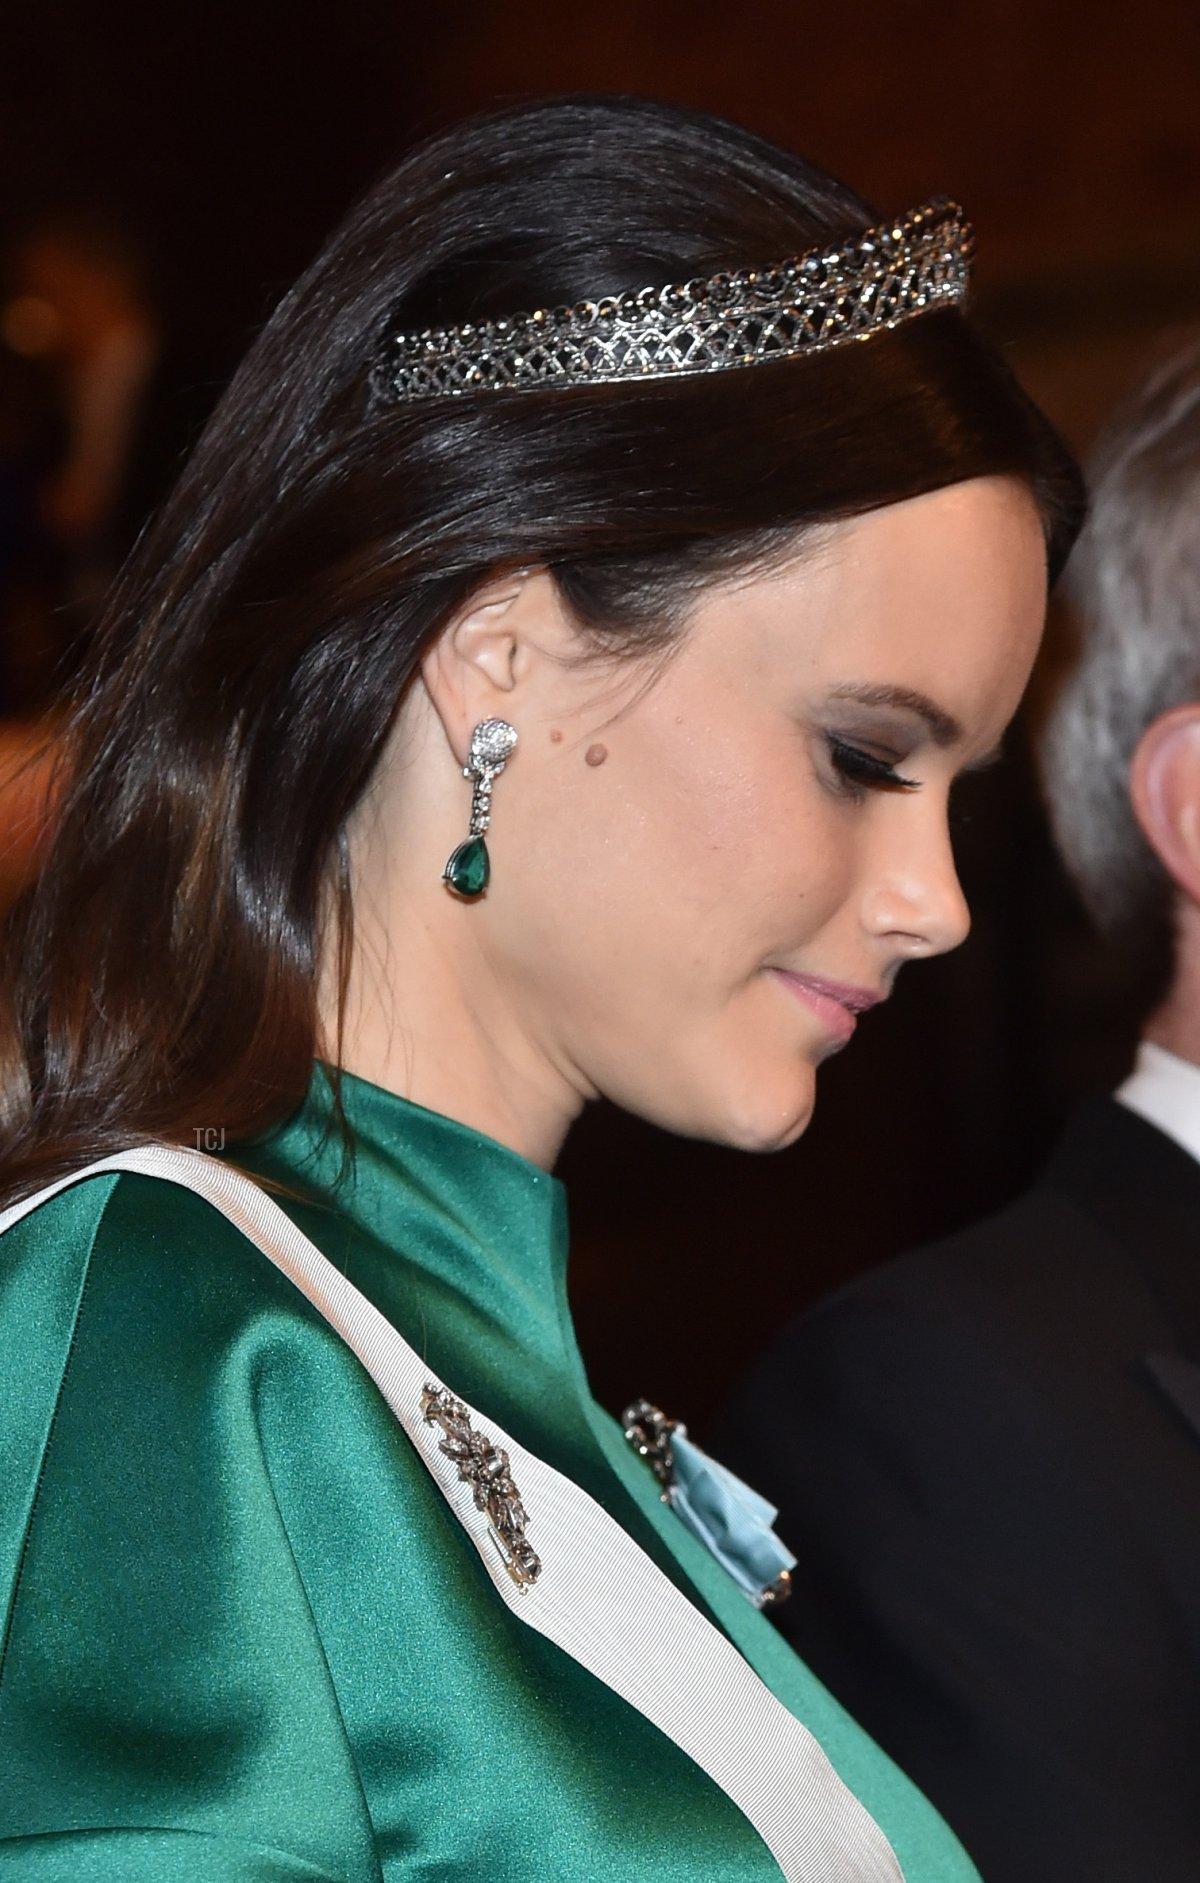 Princess Sofia of Sweden attends the Nobel Prize Banquet 2015 at City Hall on December 10, 2016 in Stockholm, Sweden